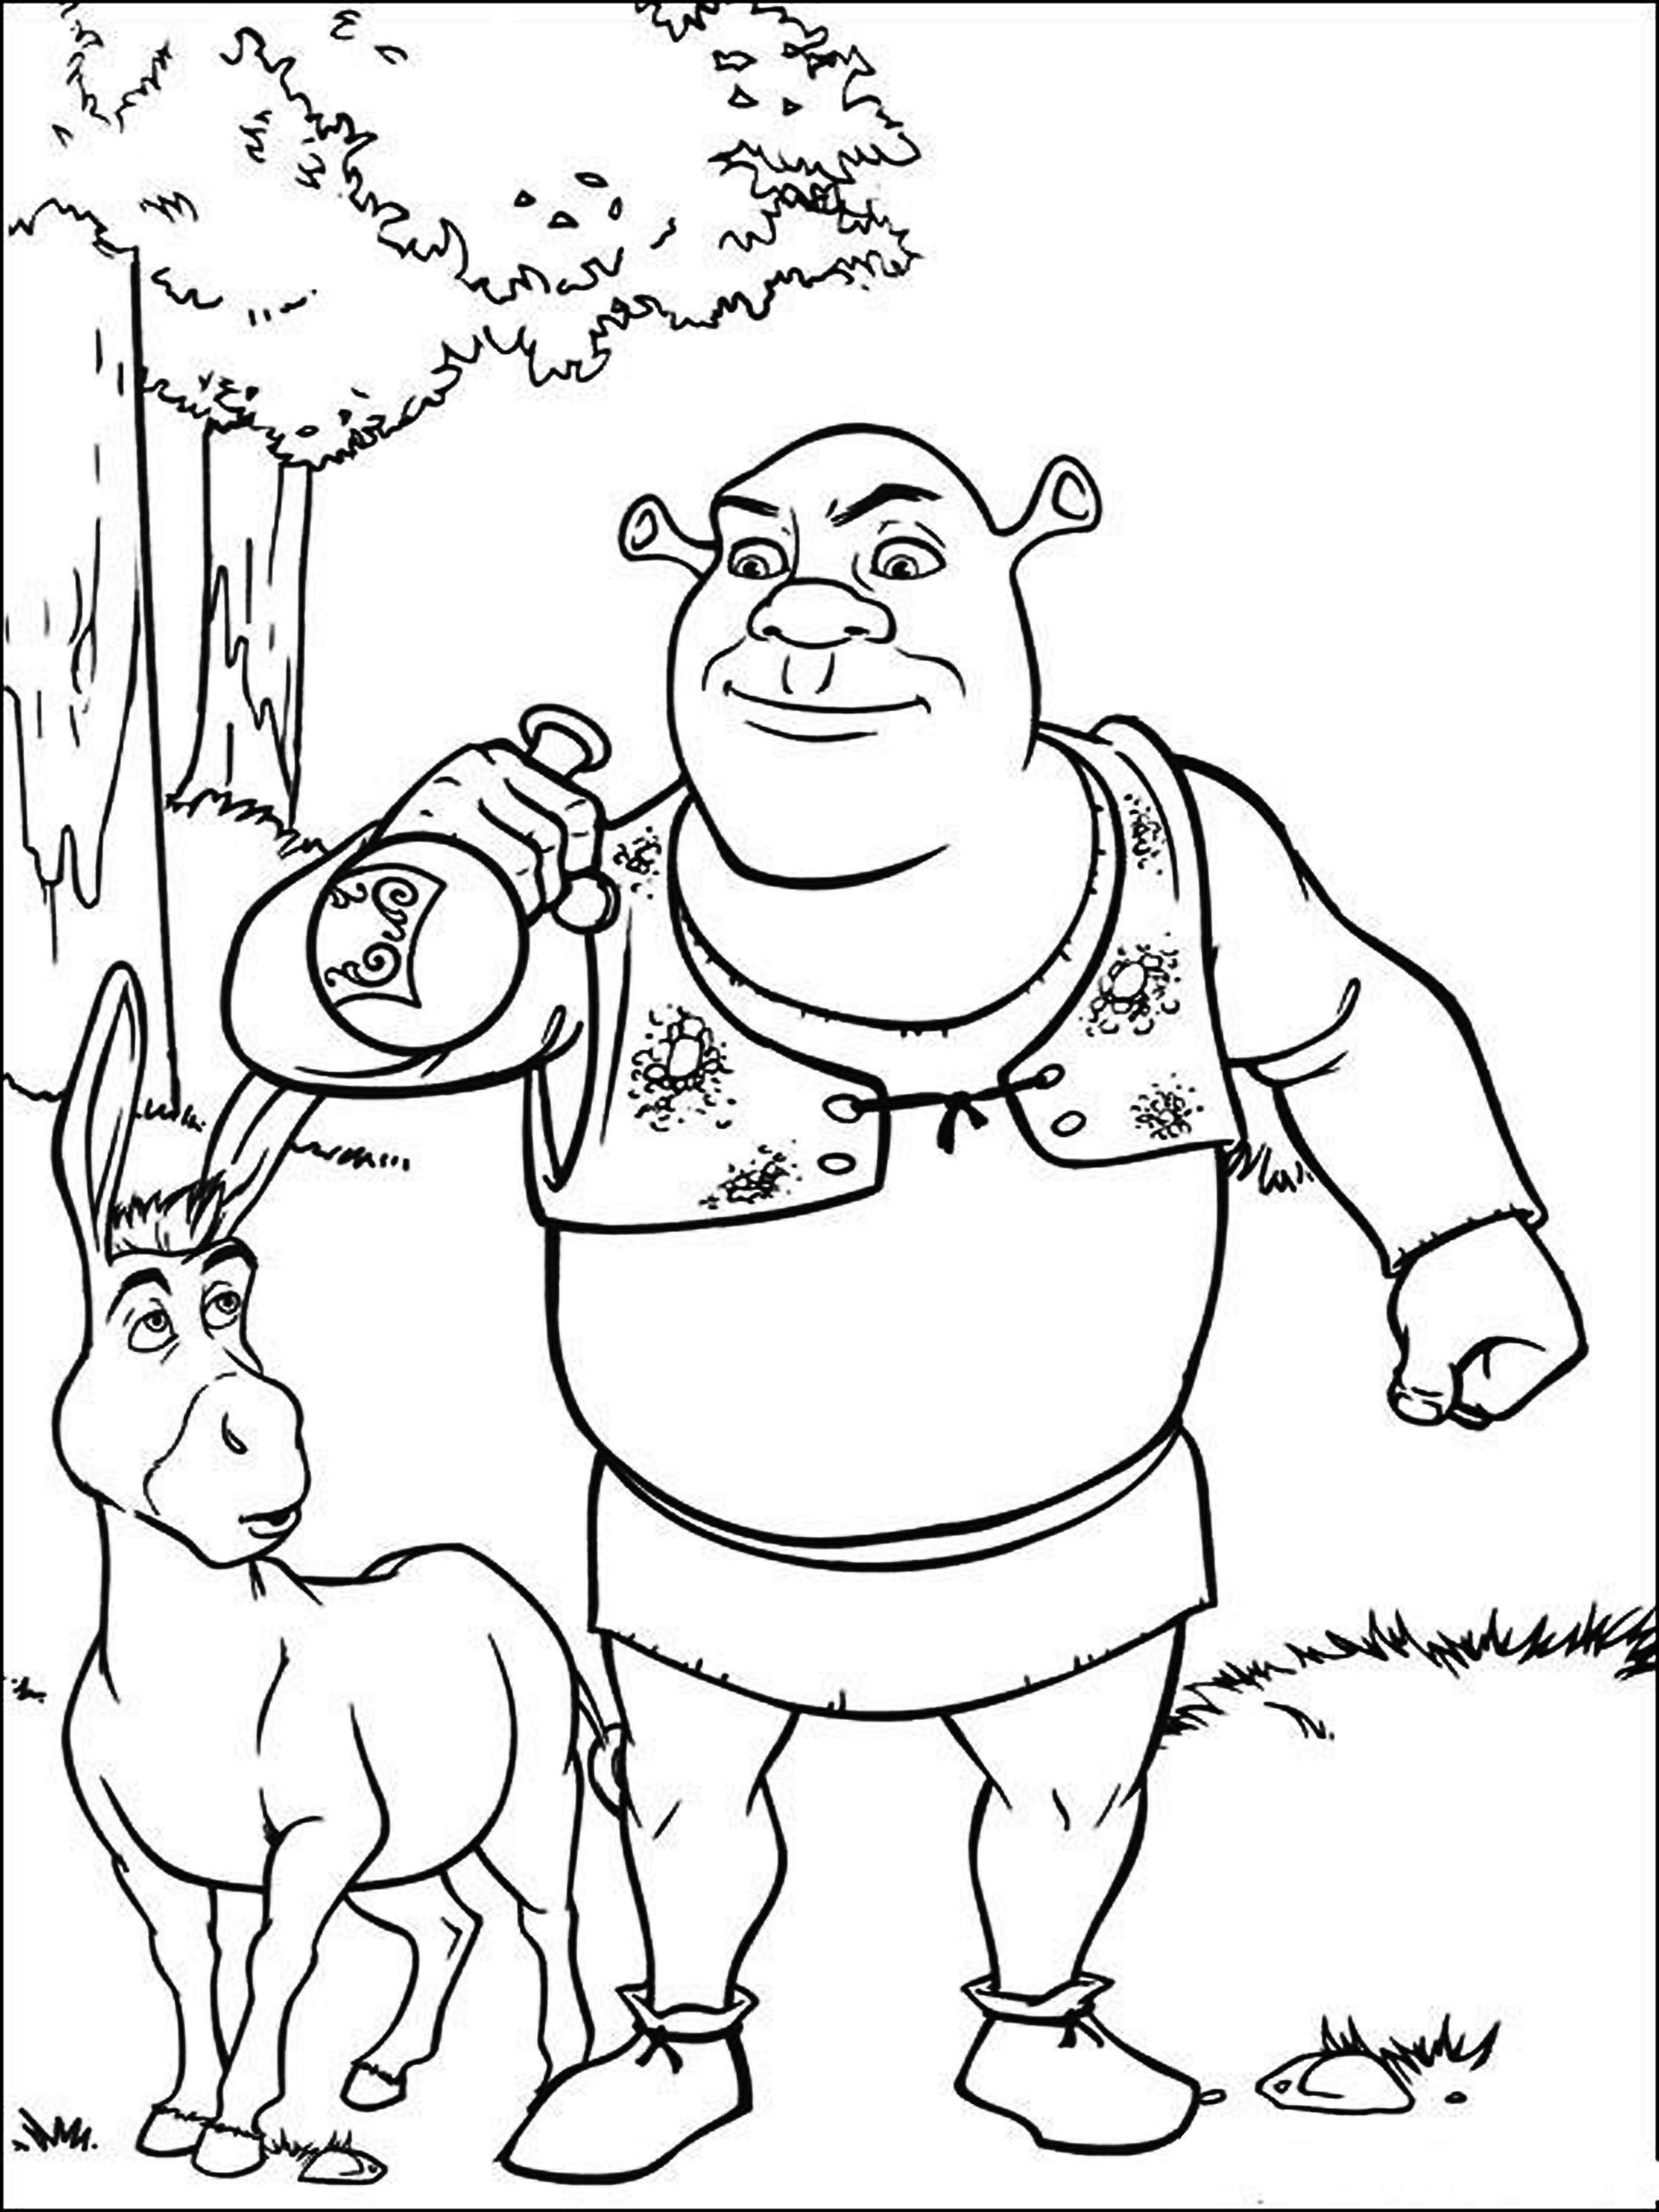 Раскраски для мальчиков - Детский мир мультфильмов ...